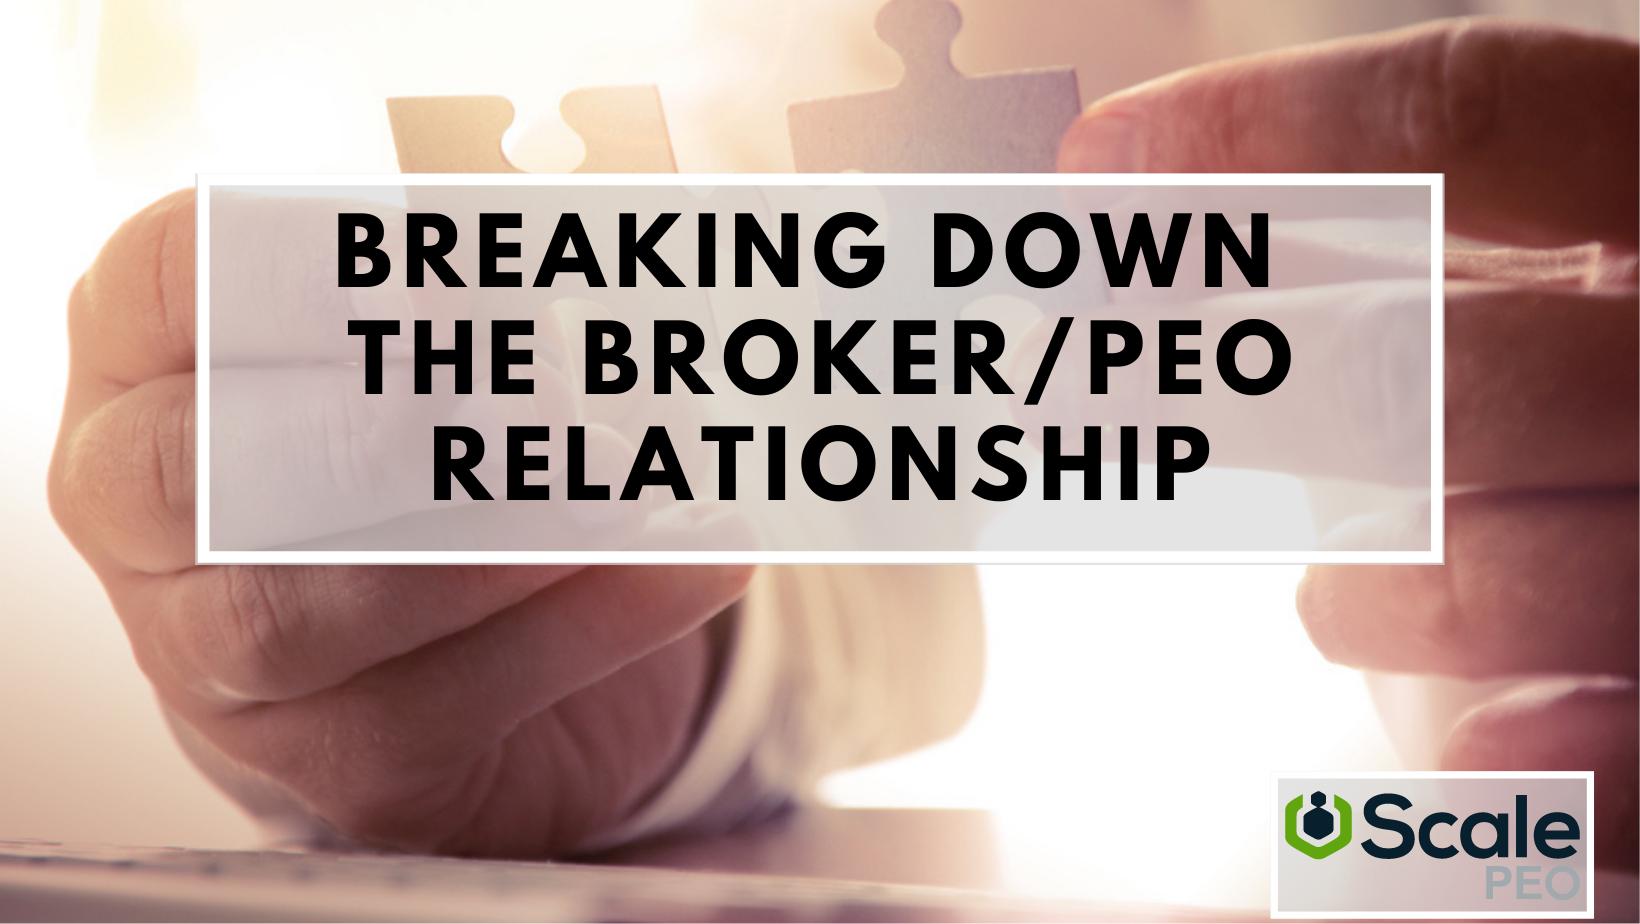 breaking down broker relationship